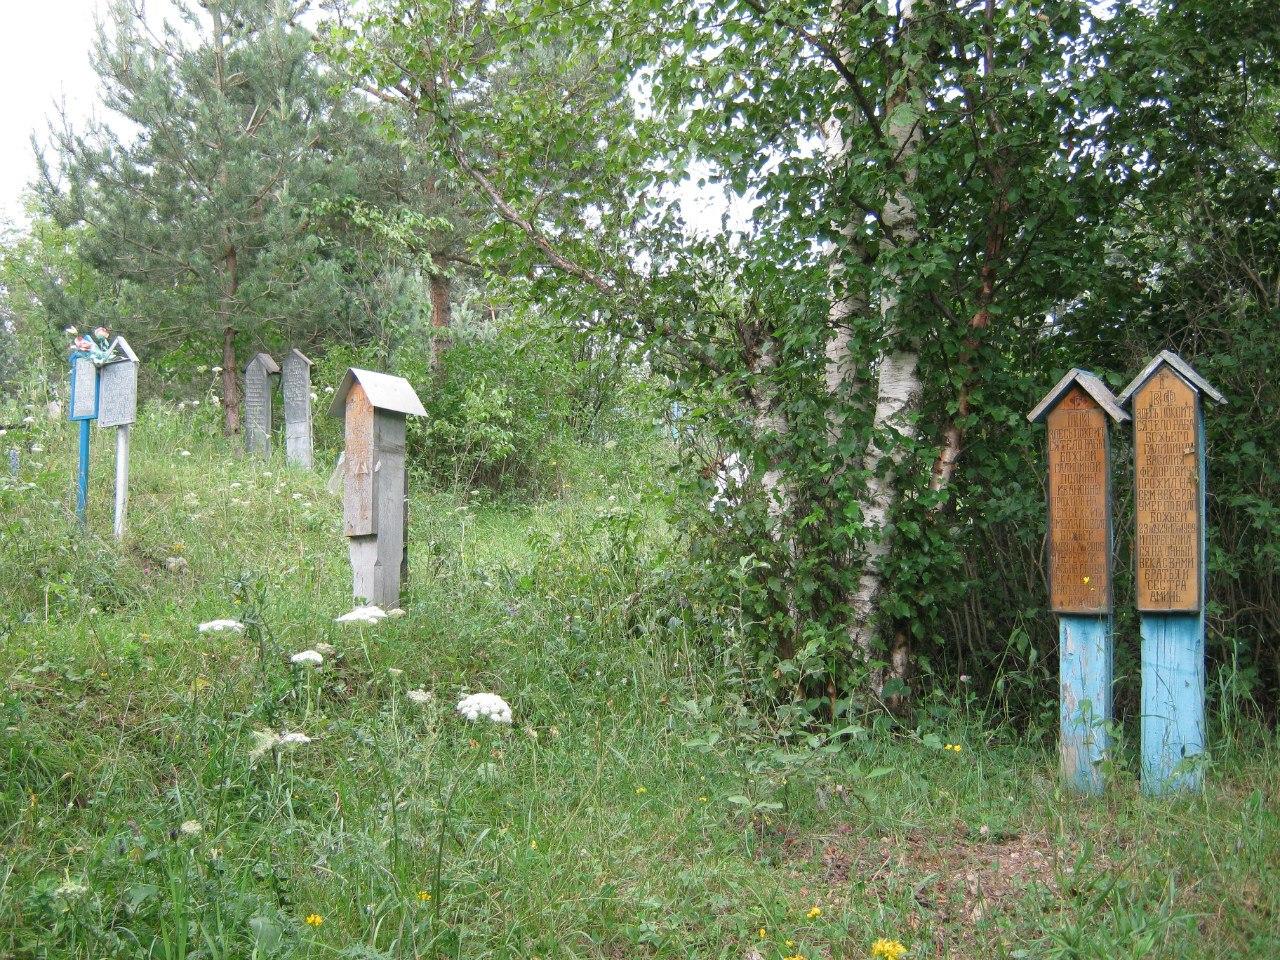 Надгробья на молоканском кладбище в селе Лермонтово в Армении